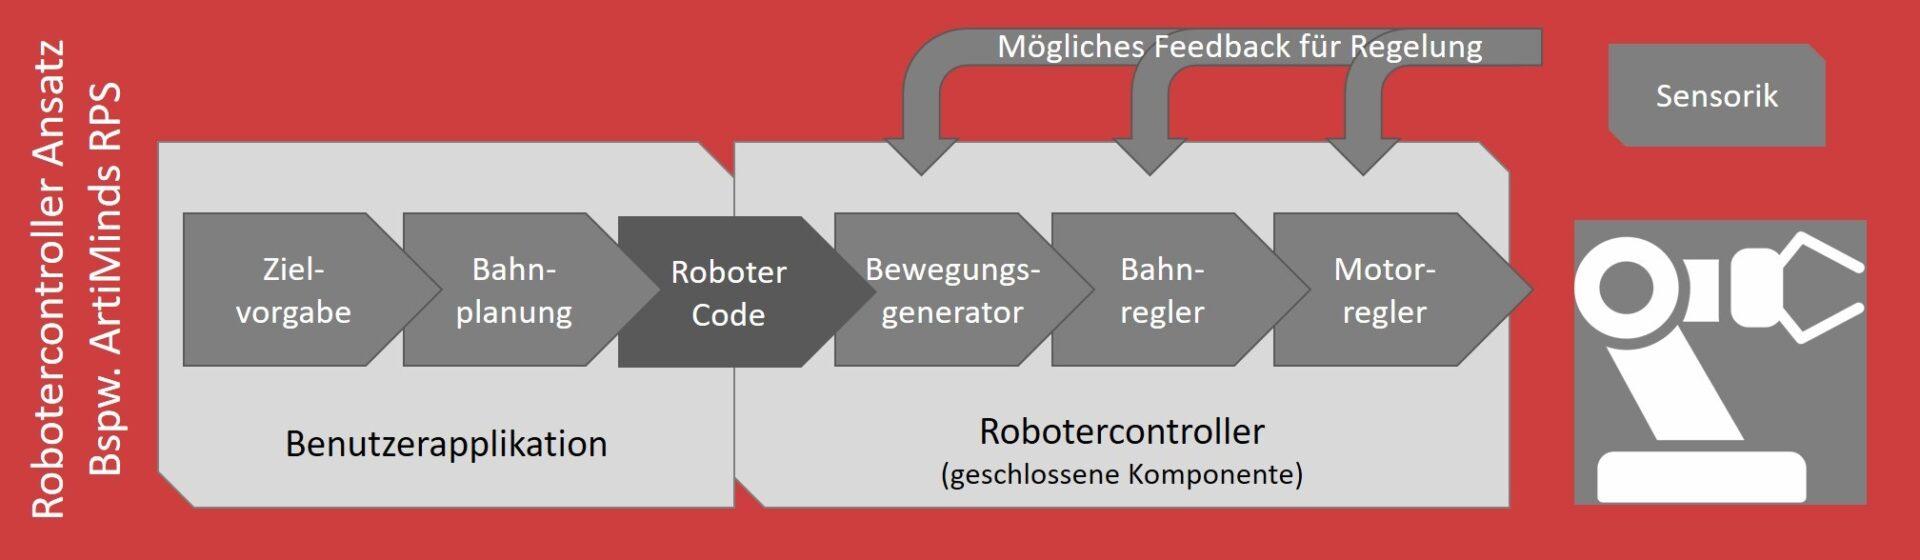 Robotersteuerung über den herstellereigenen Robotercontroller